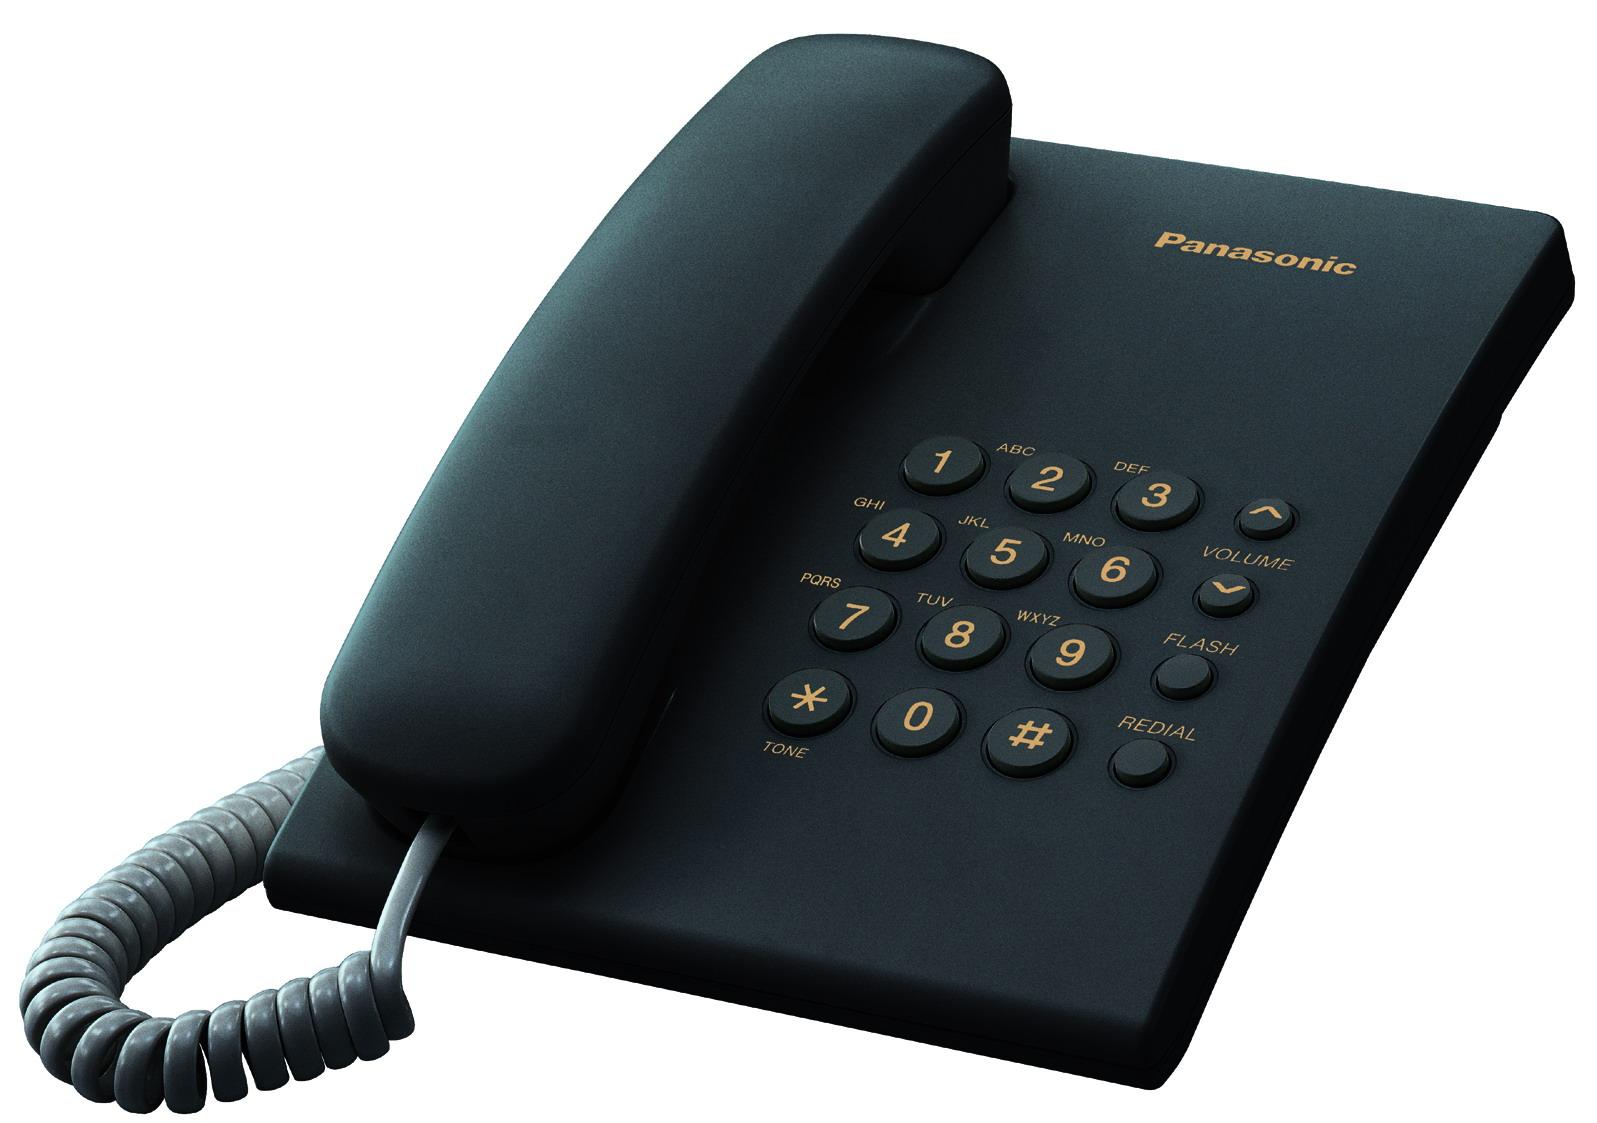 черный кнопочный телефон, фото, скачать, клипарт